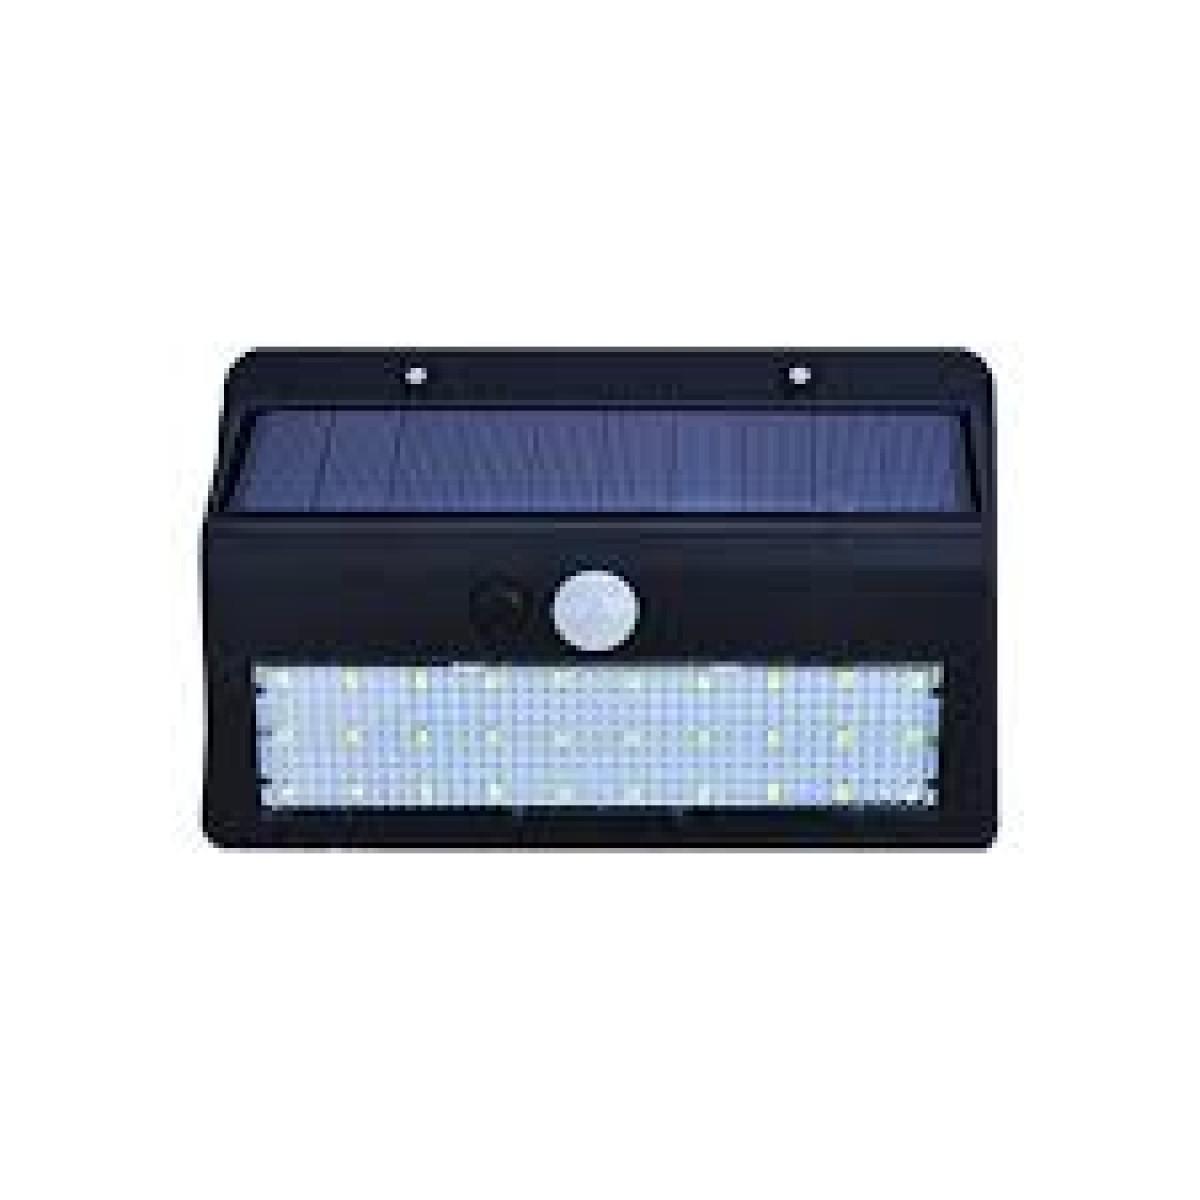 Ηλιακός προβολέας 30 LED με ανιχνευτή κίνησης XF-6012